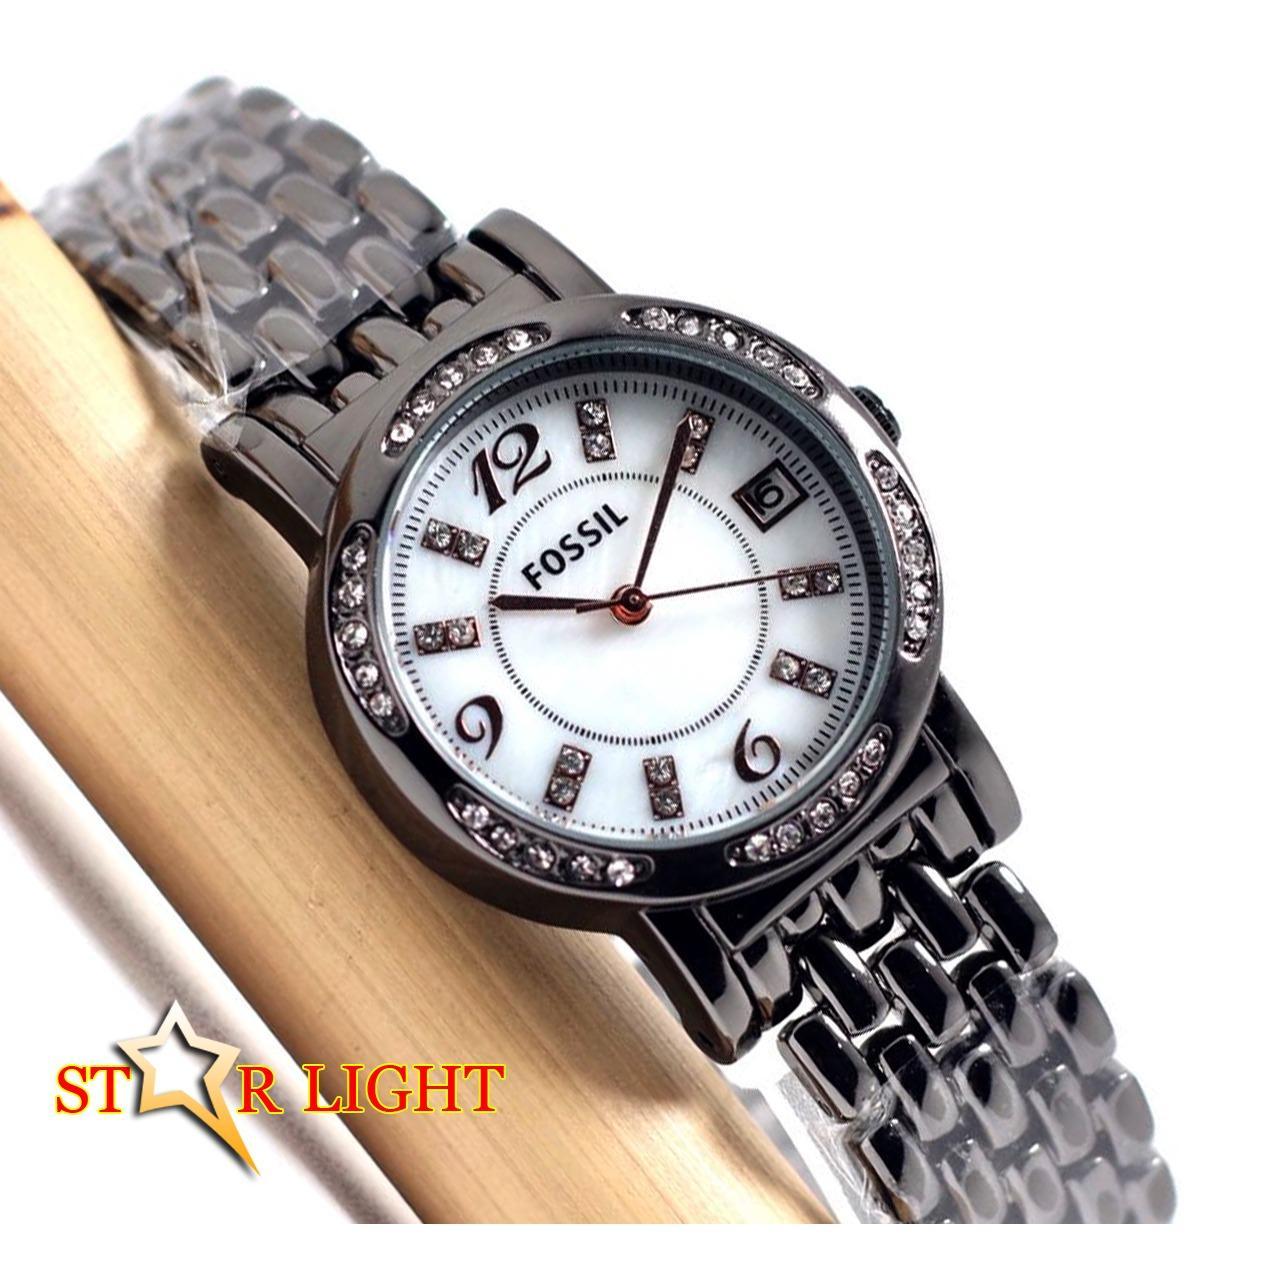 Jam Tangan Wanita - [ SWISS ARMY__FOSSIL__MIRAGE__TETONIS ] Stainless Steel Elegant & Fashionable _ Tanggal Aktif